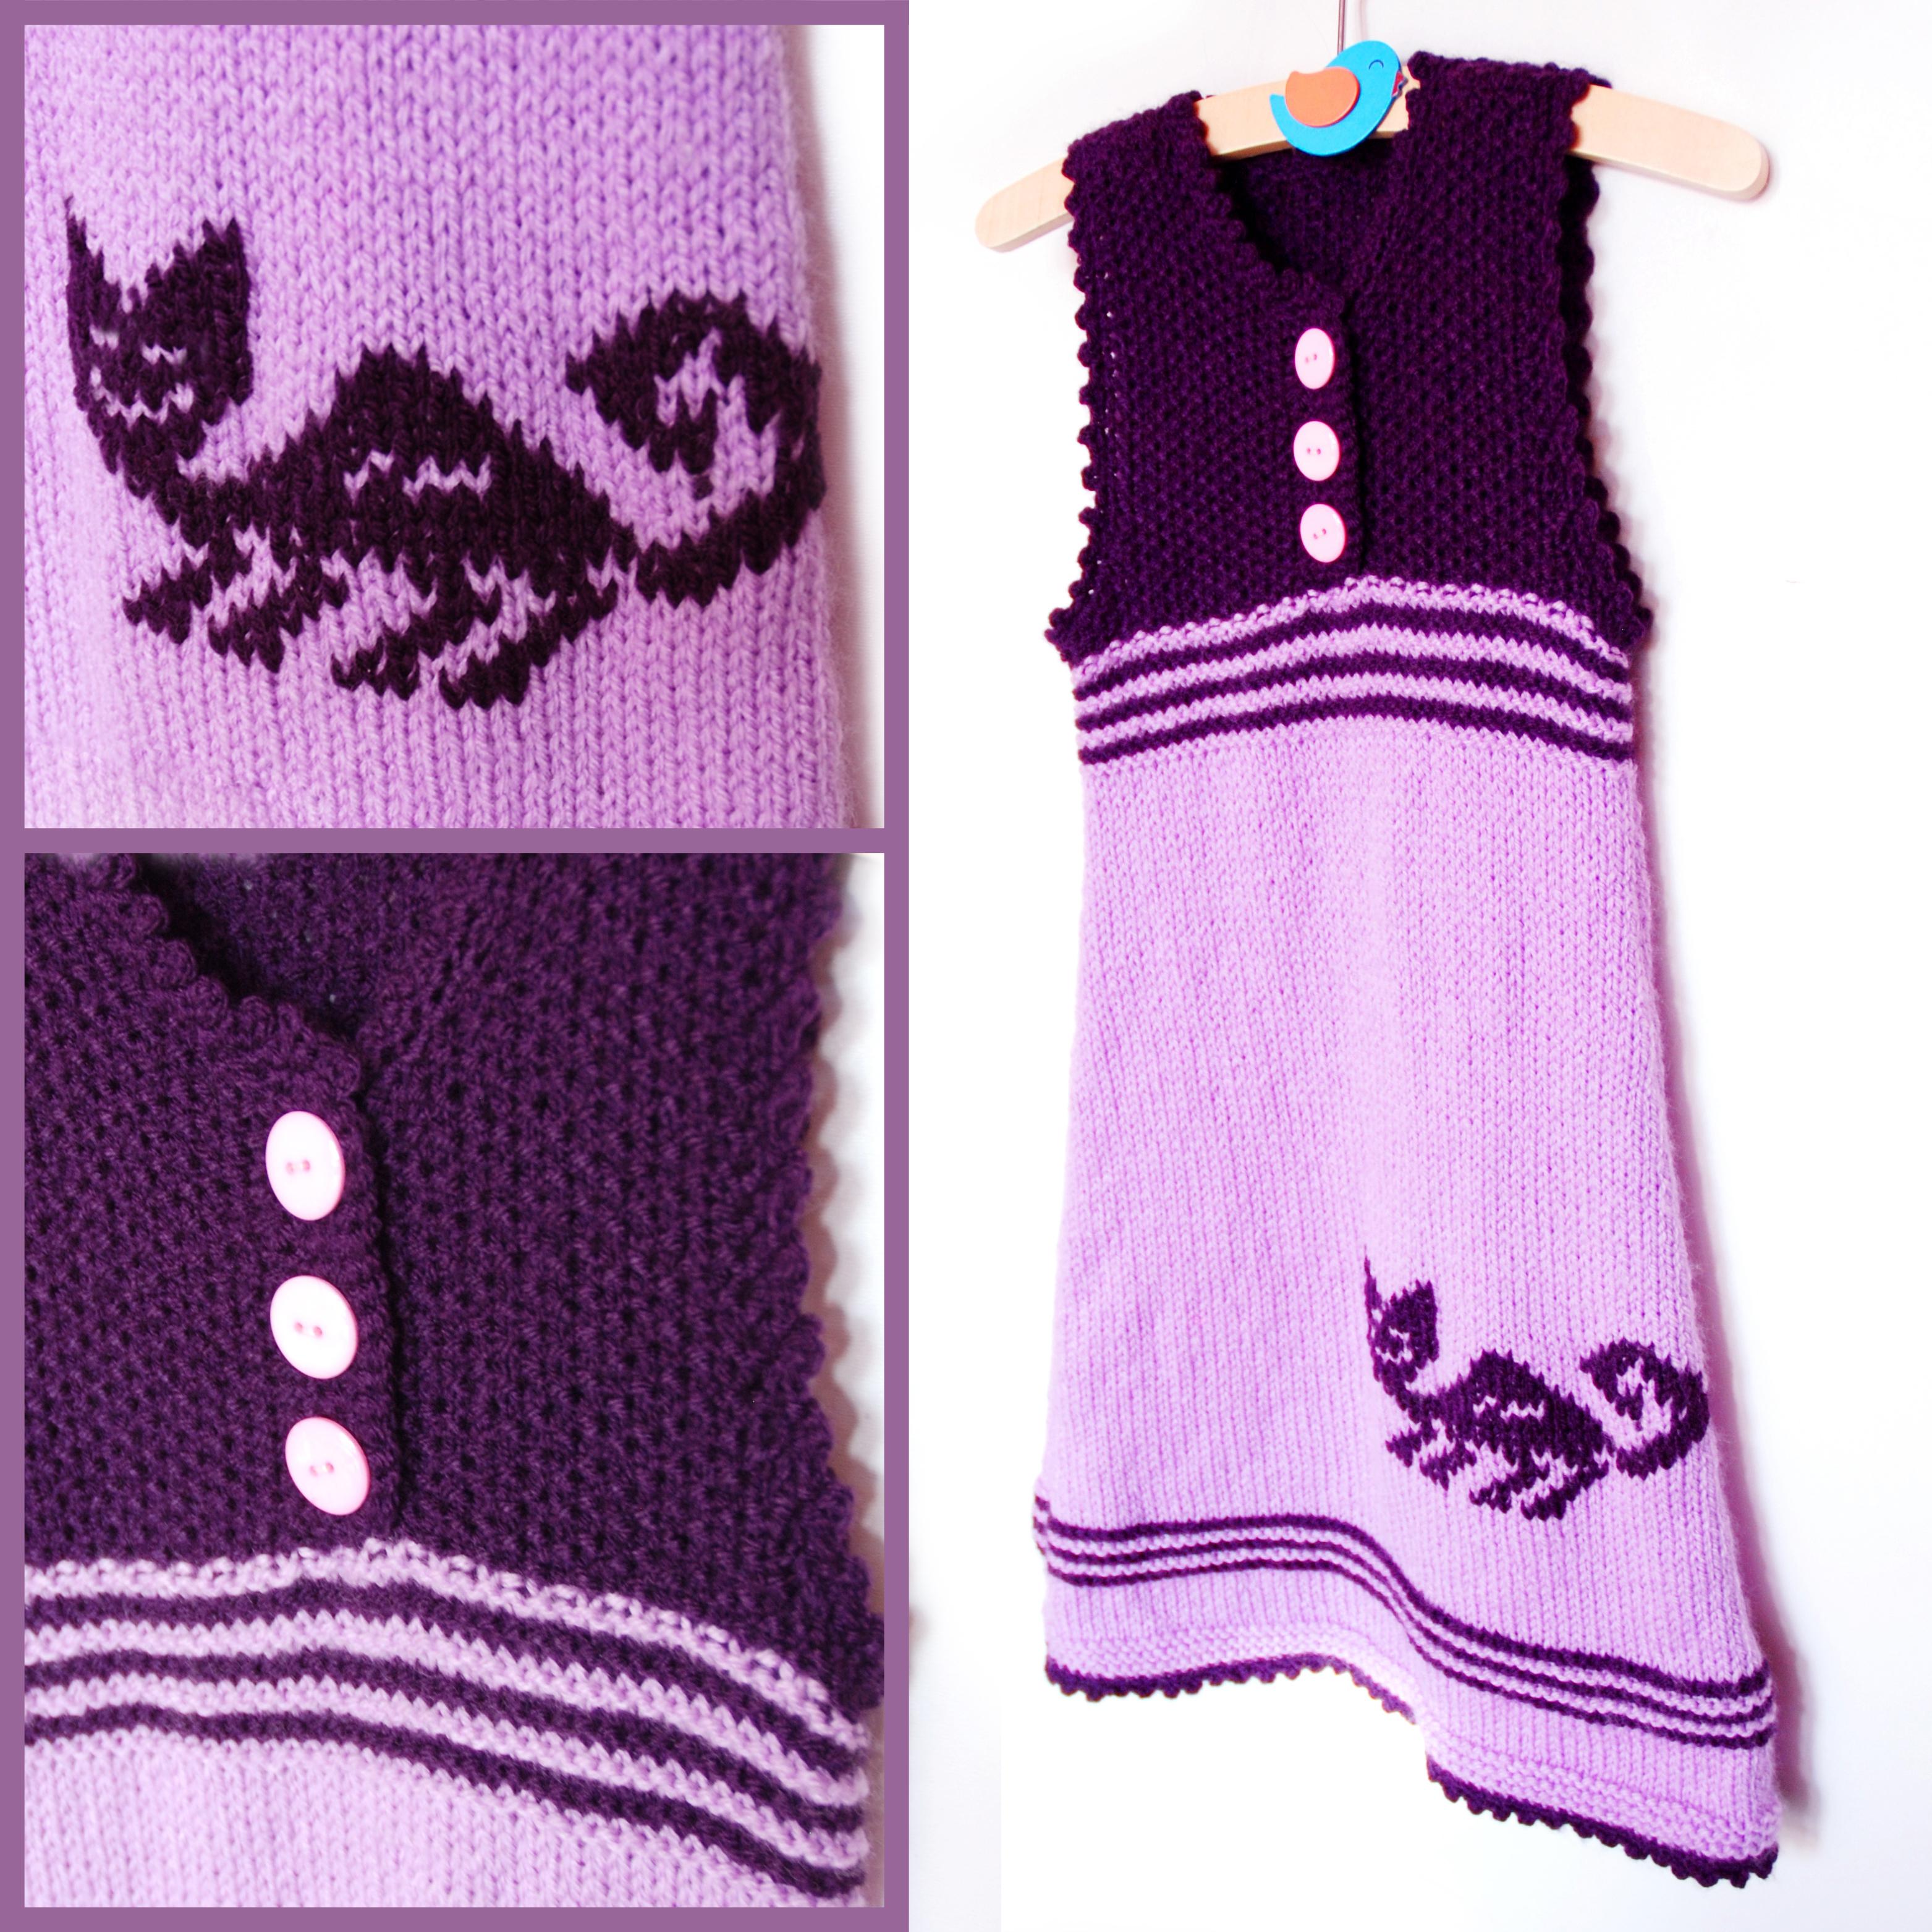 6225c13207f9 Fialové dětské šaty s kočičkou v indiánském stylu empty